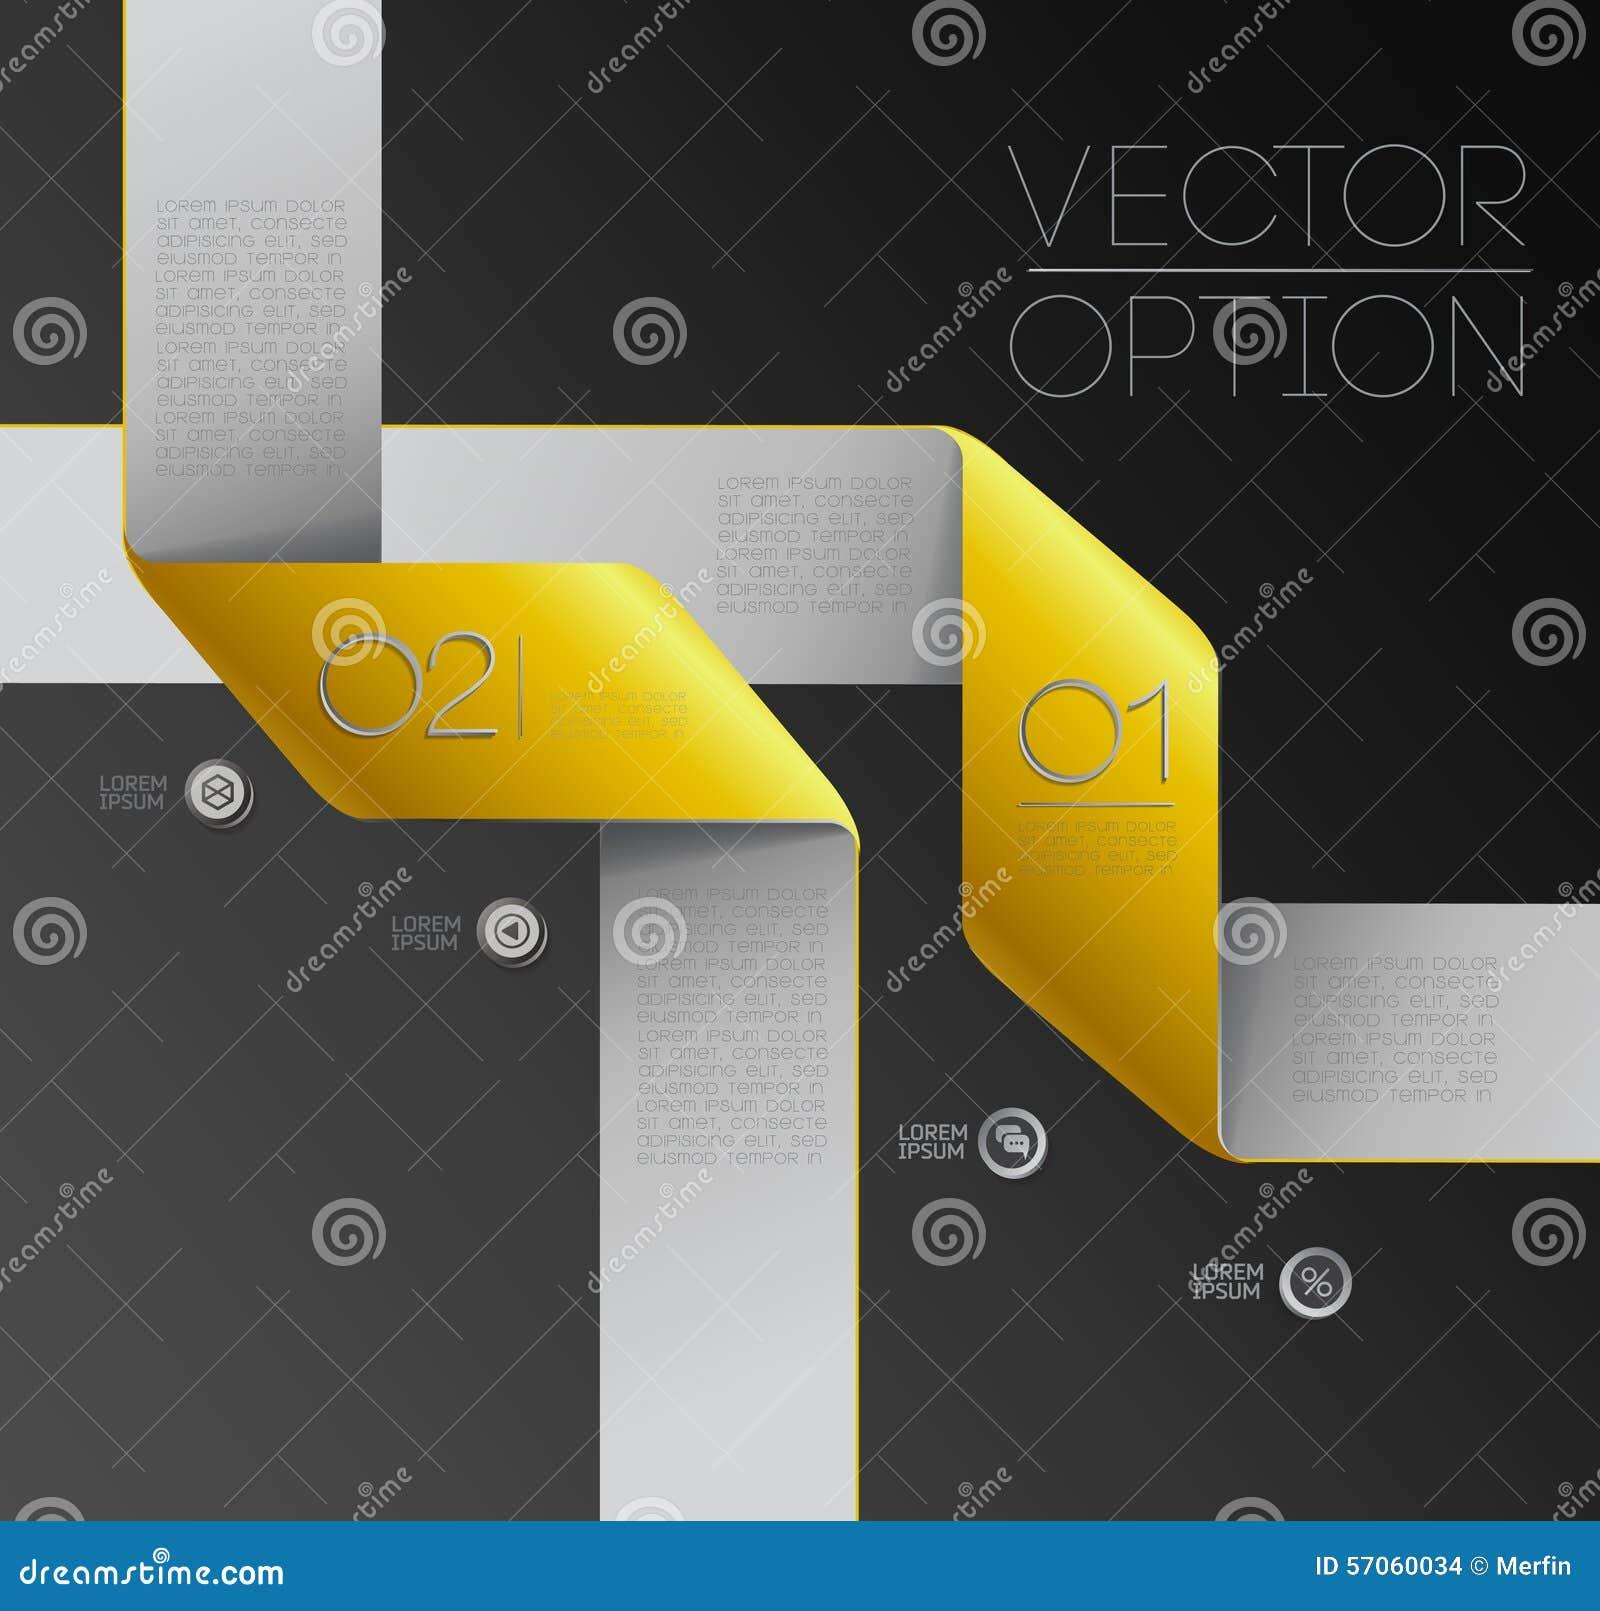 Ontwerpelementen voor opties